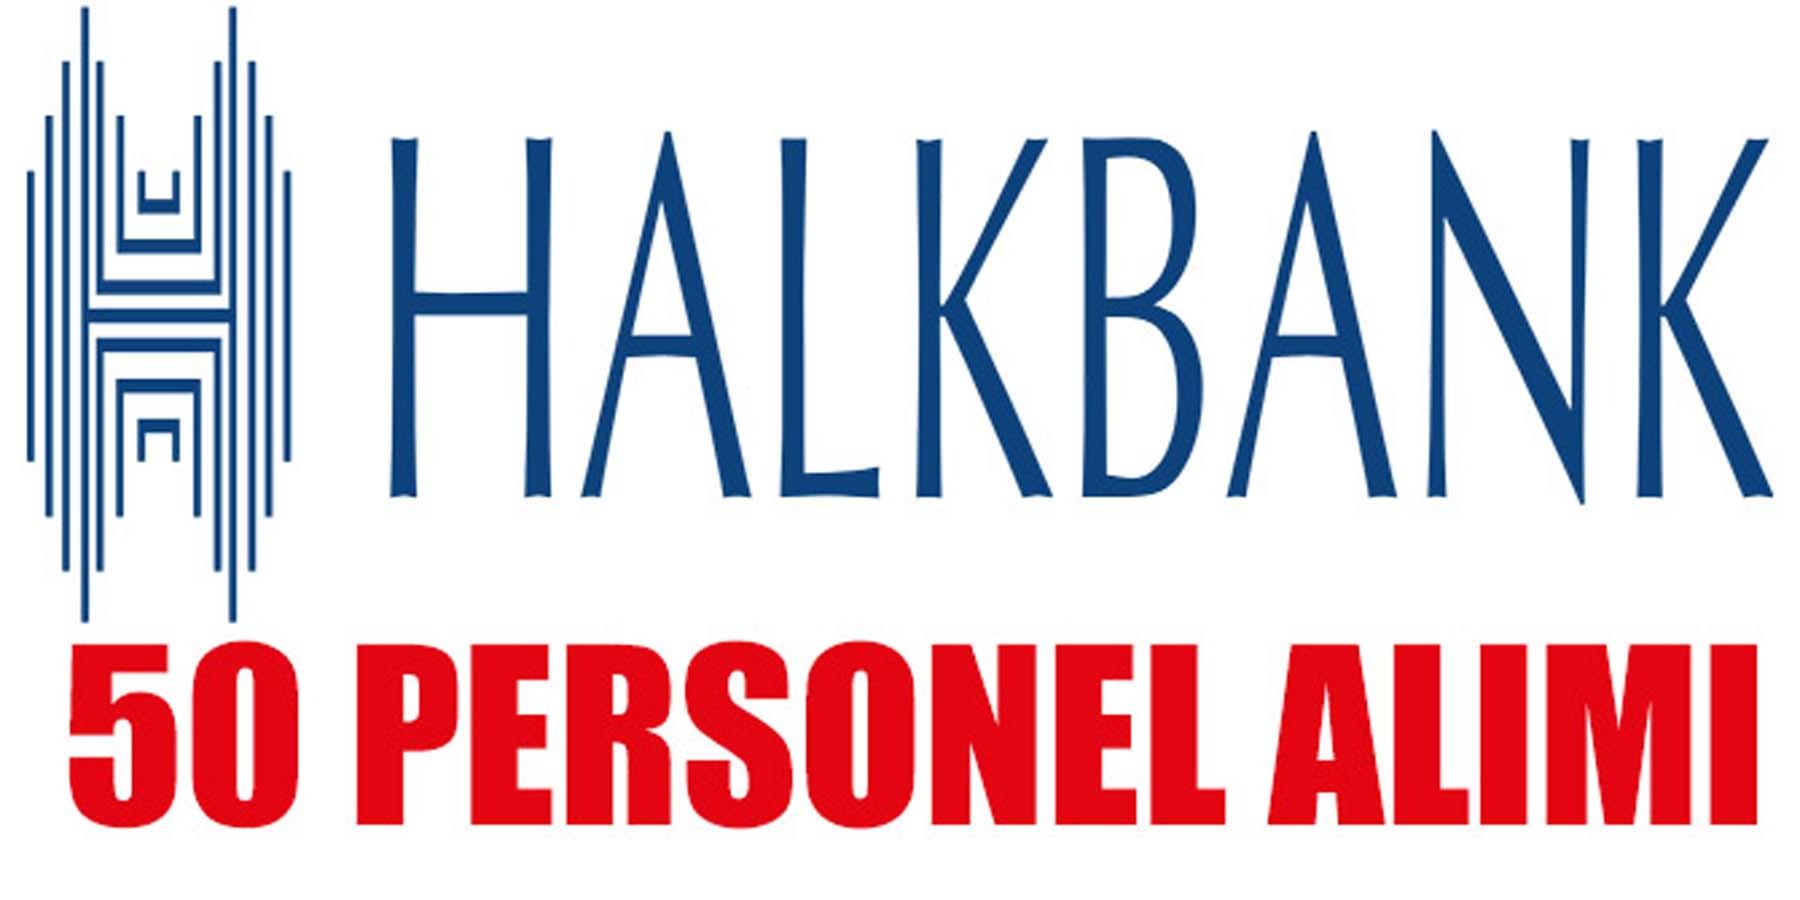 HALKBANK 50 Personel Alımı 17 Aralık 2018'de Yayımladı